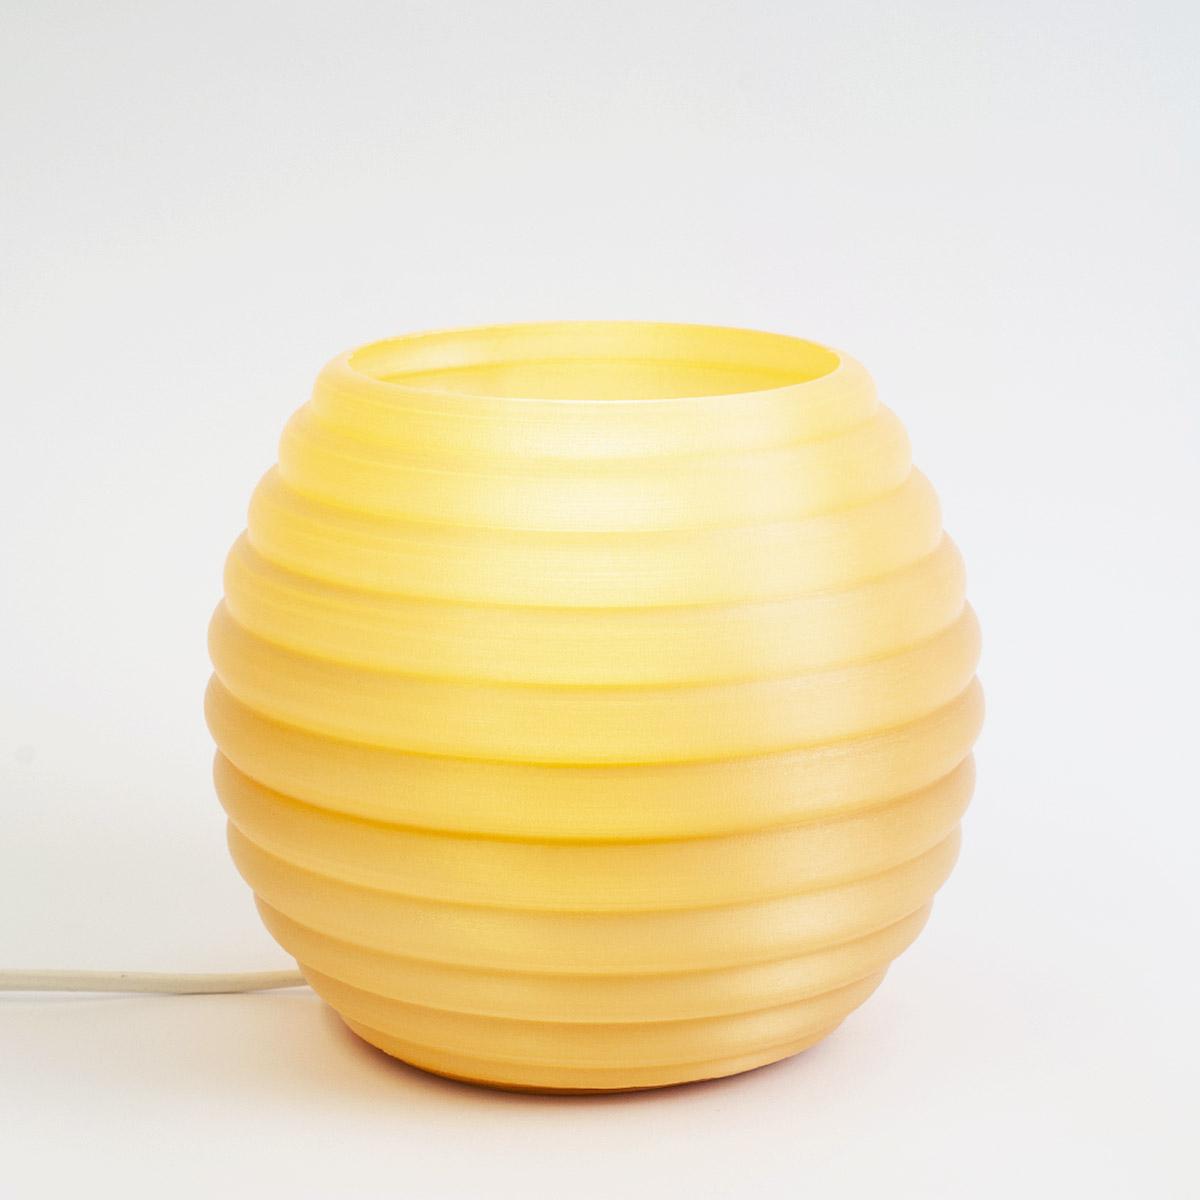 Honey_Lamp_01_02